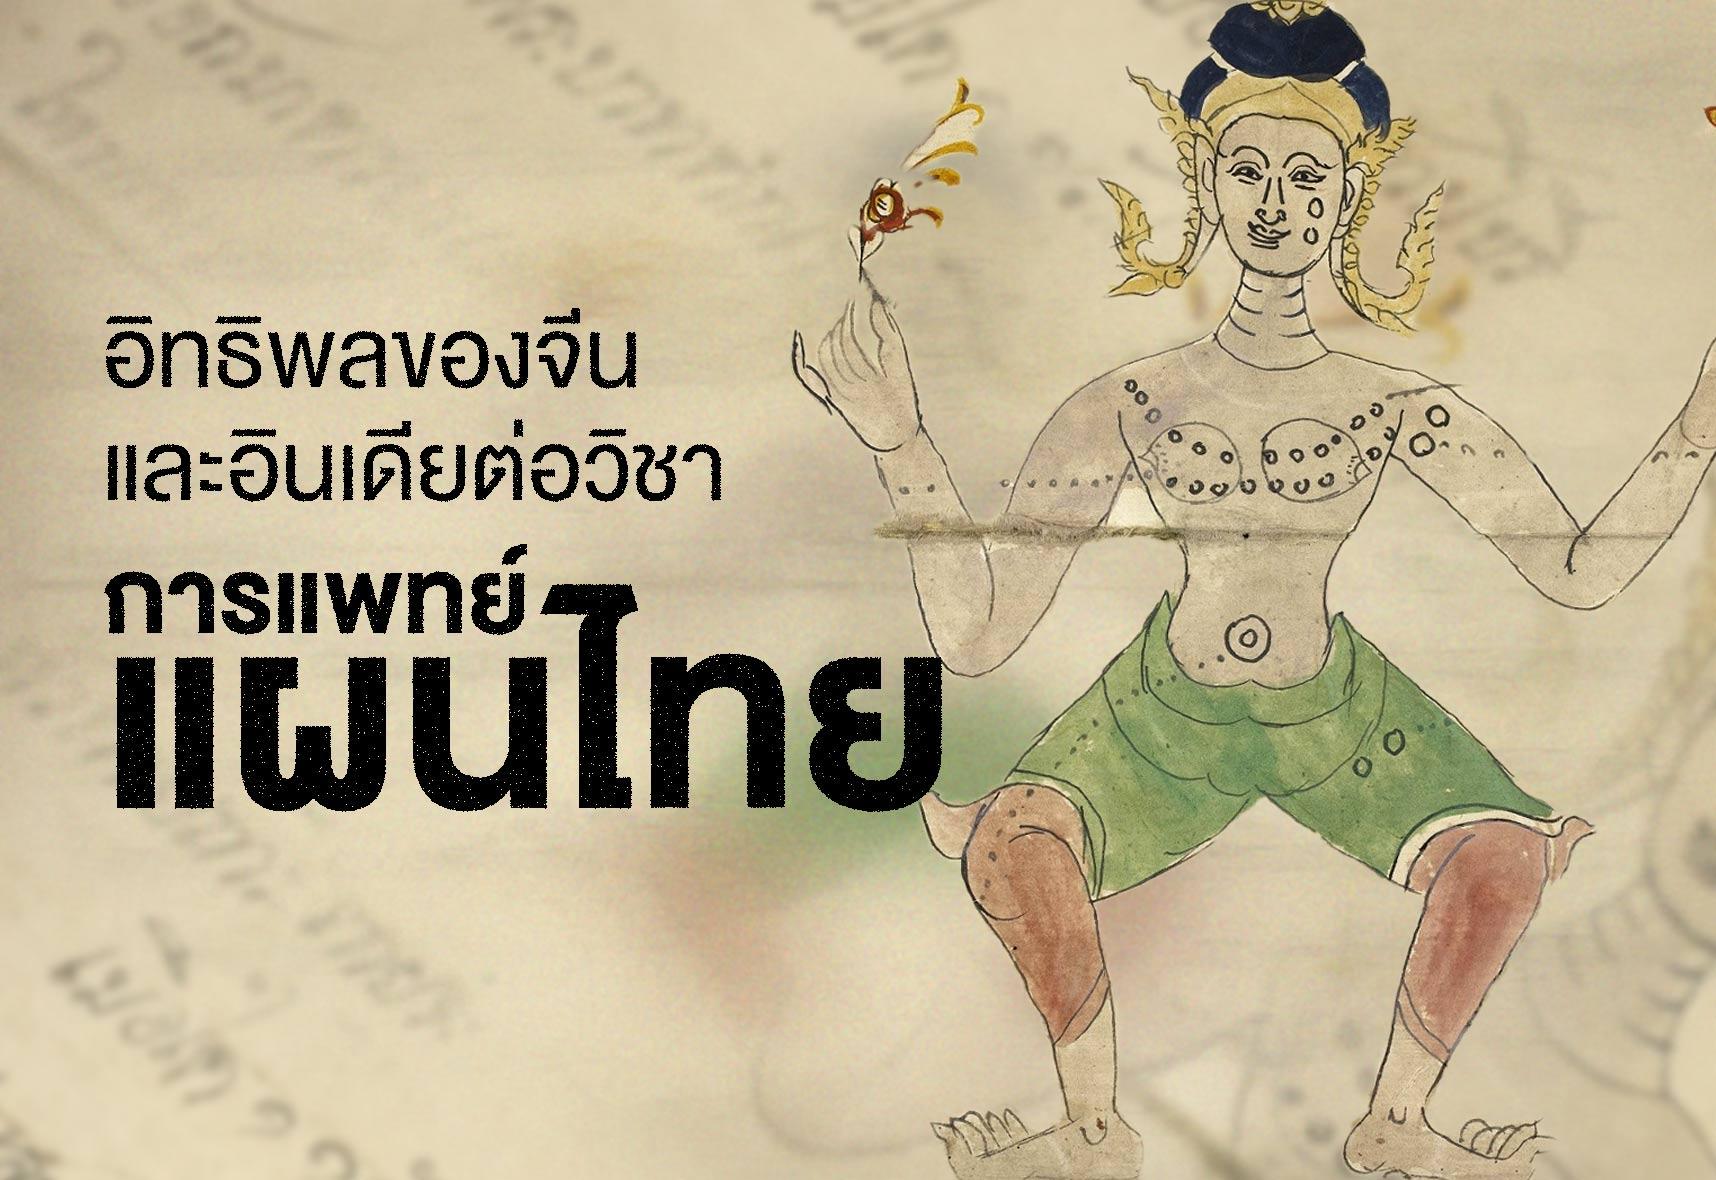 การแพทย์ไทยโบราณ